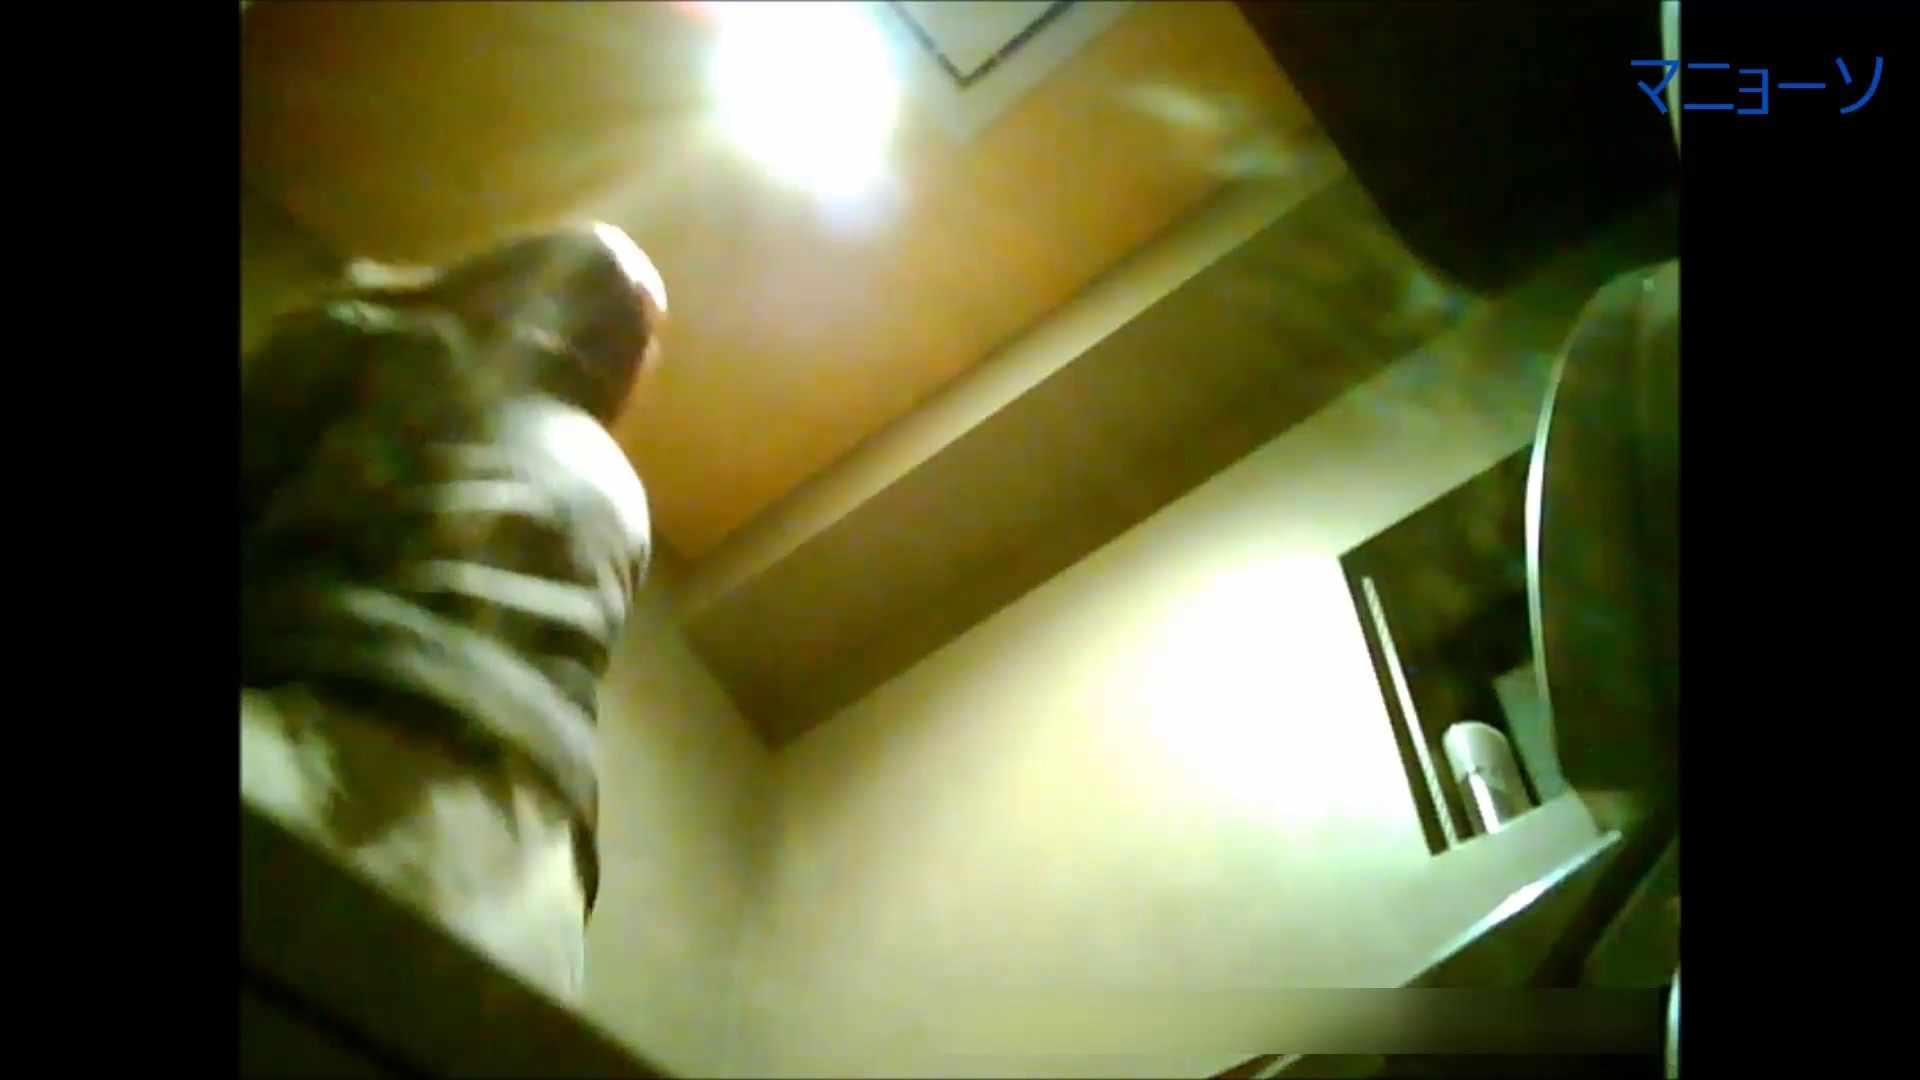 トイレでひと肌脱いでもらいました (JD編)Vol.01 トイレ  112PIX 96